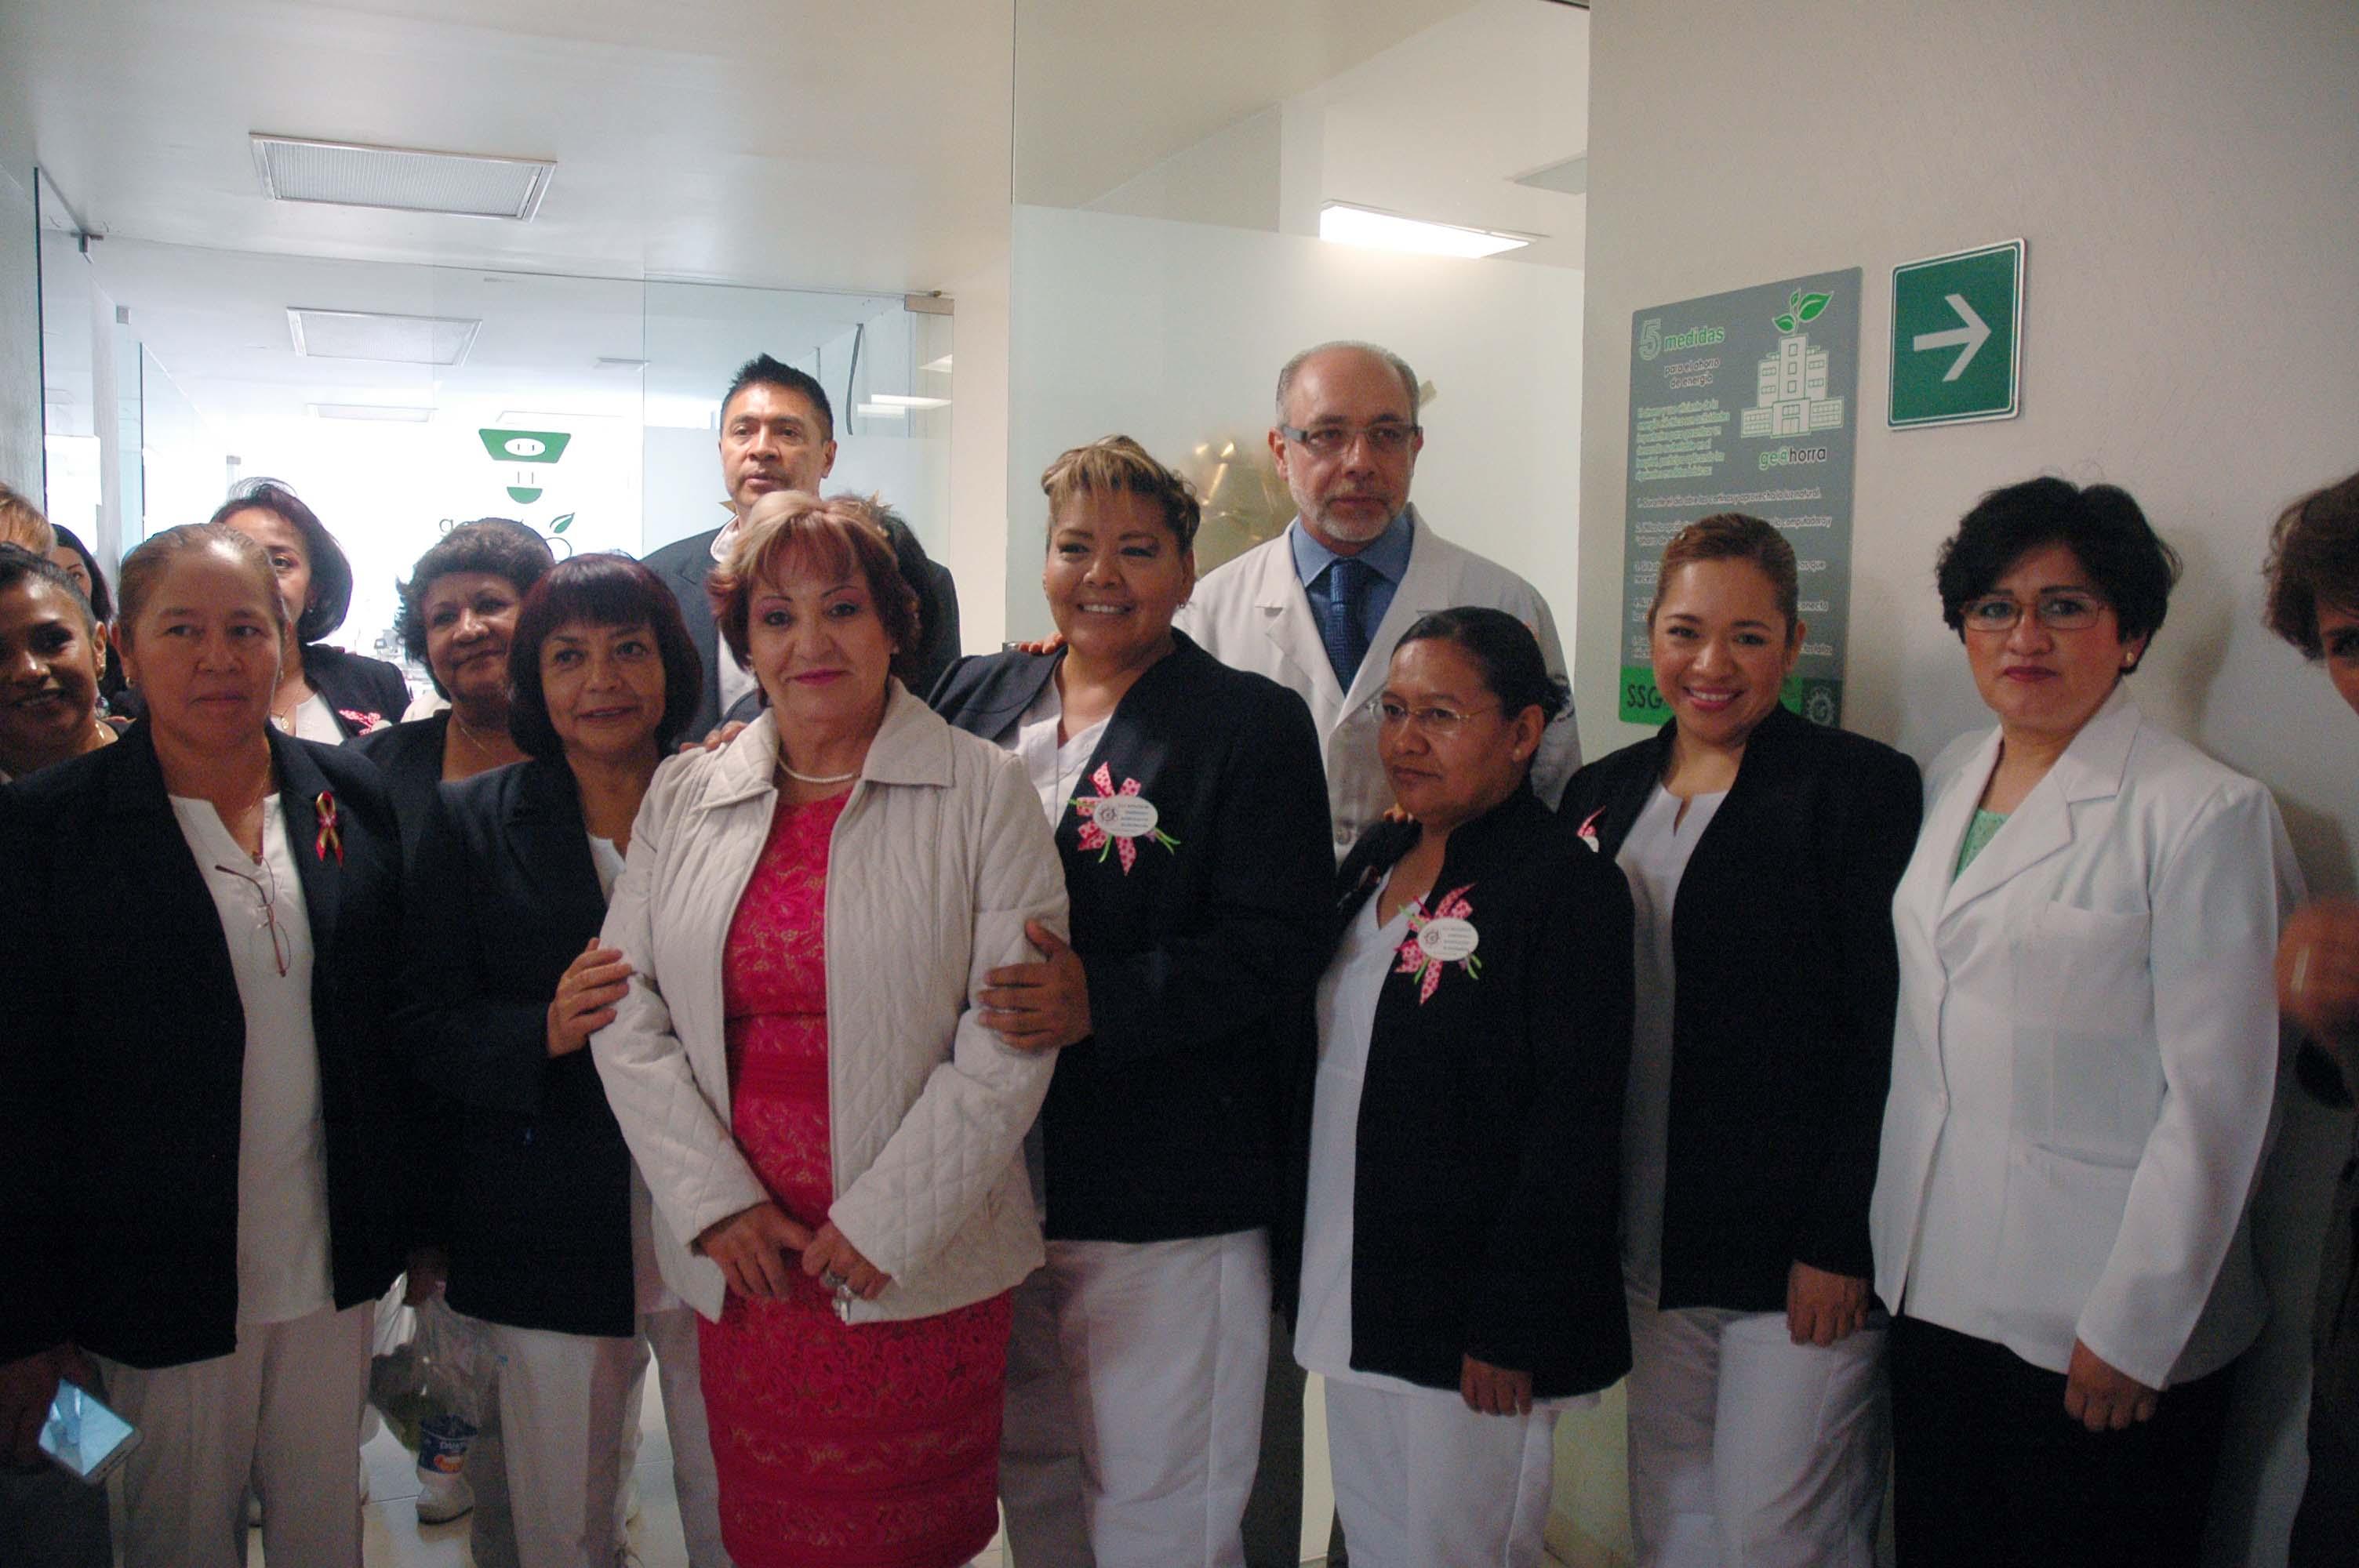 También recibirán información sobre cuidados del recién nacido y de la mujer en el puerperio mediato.